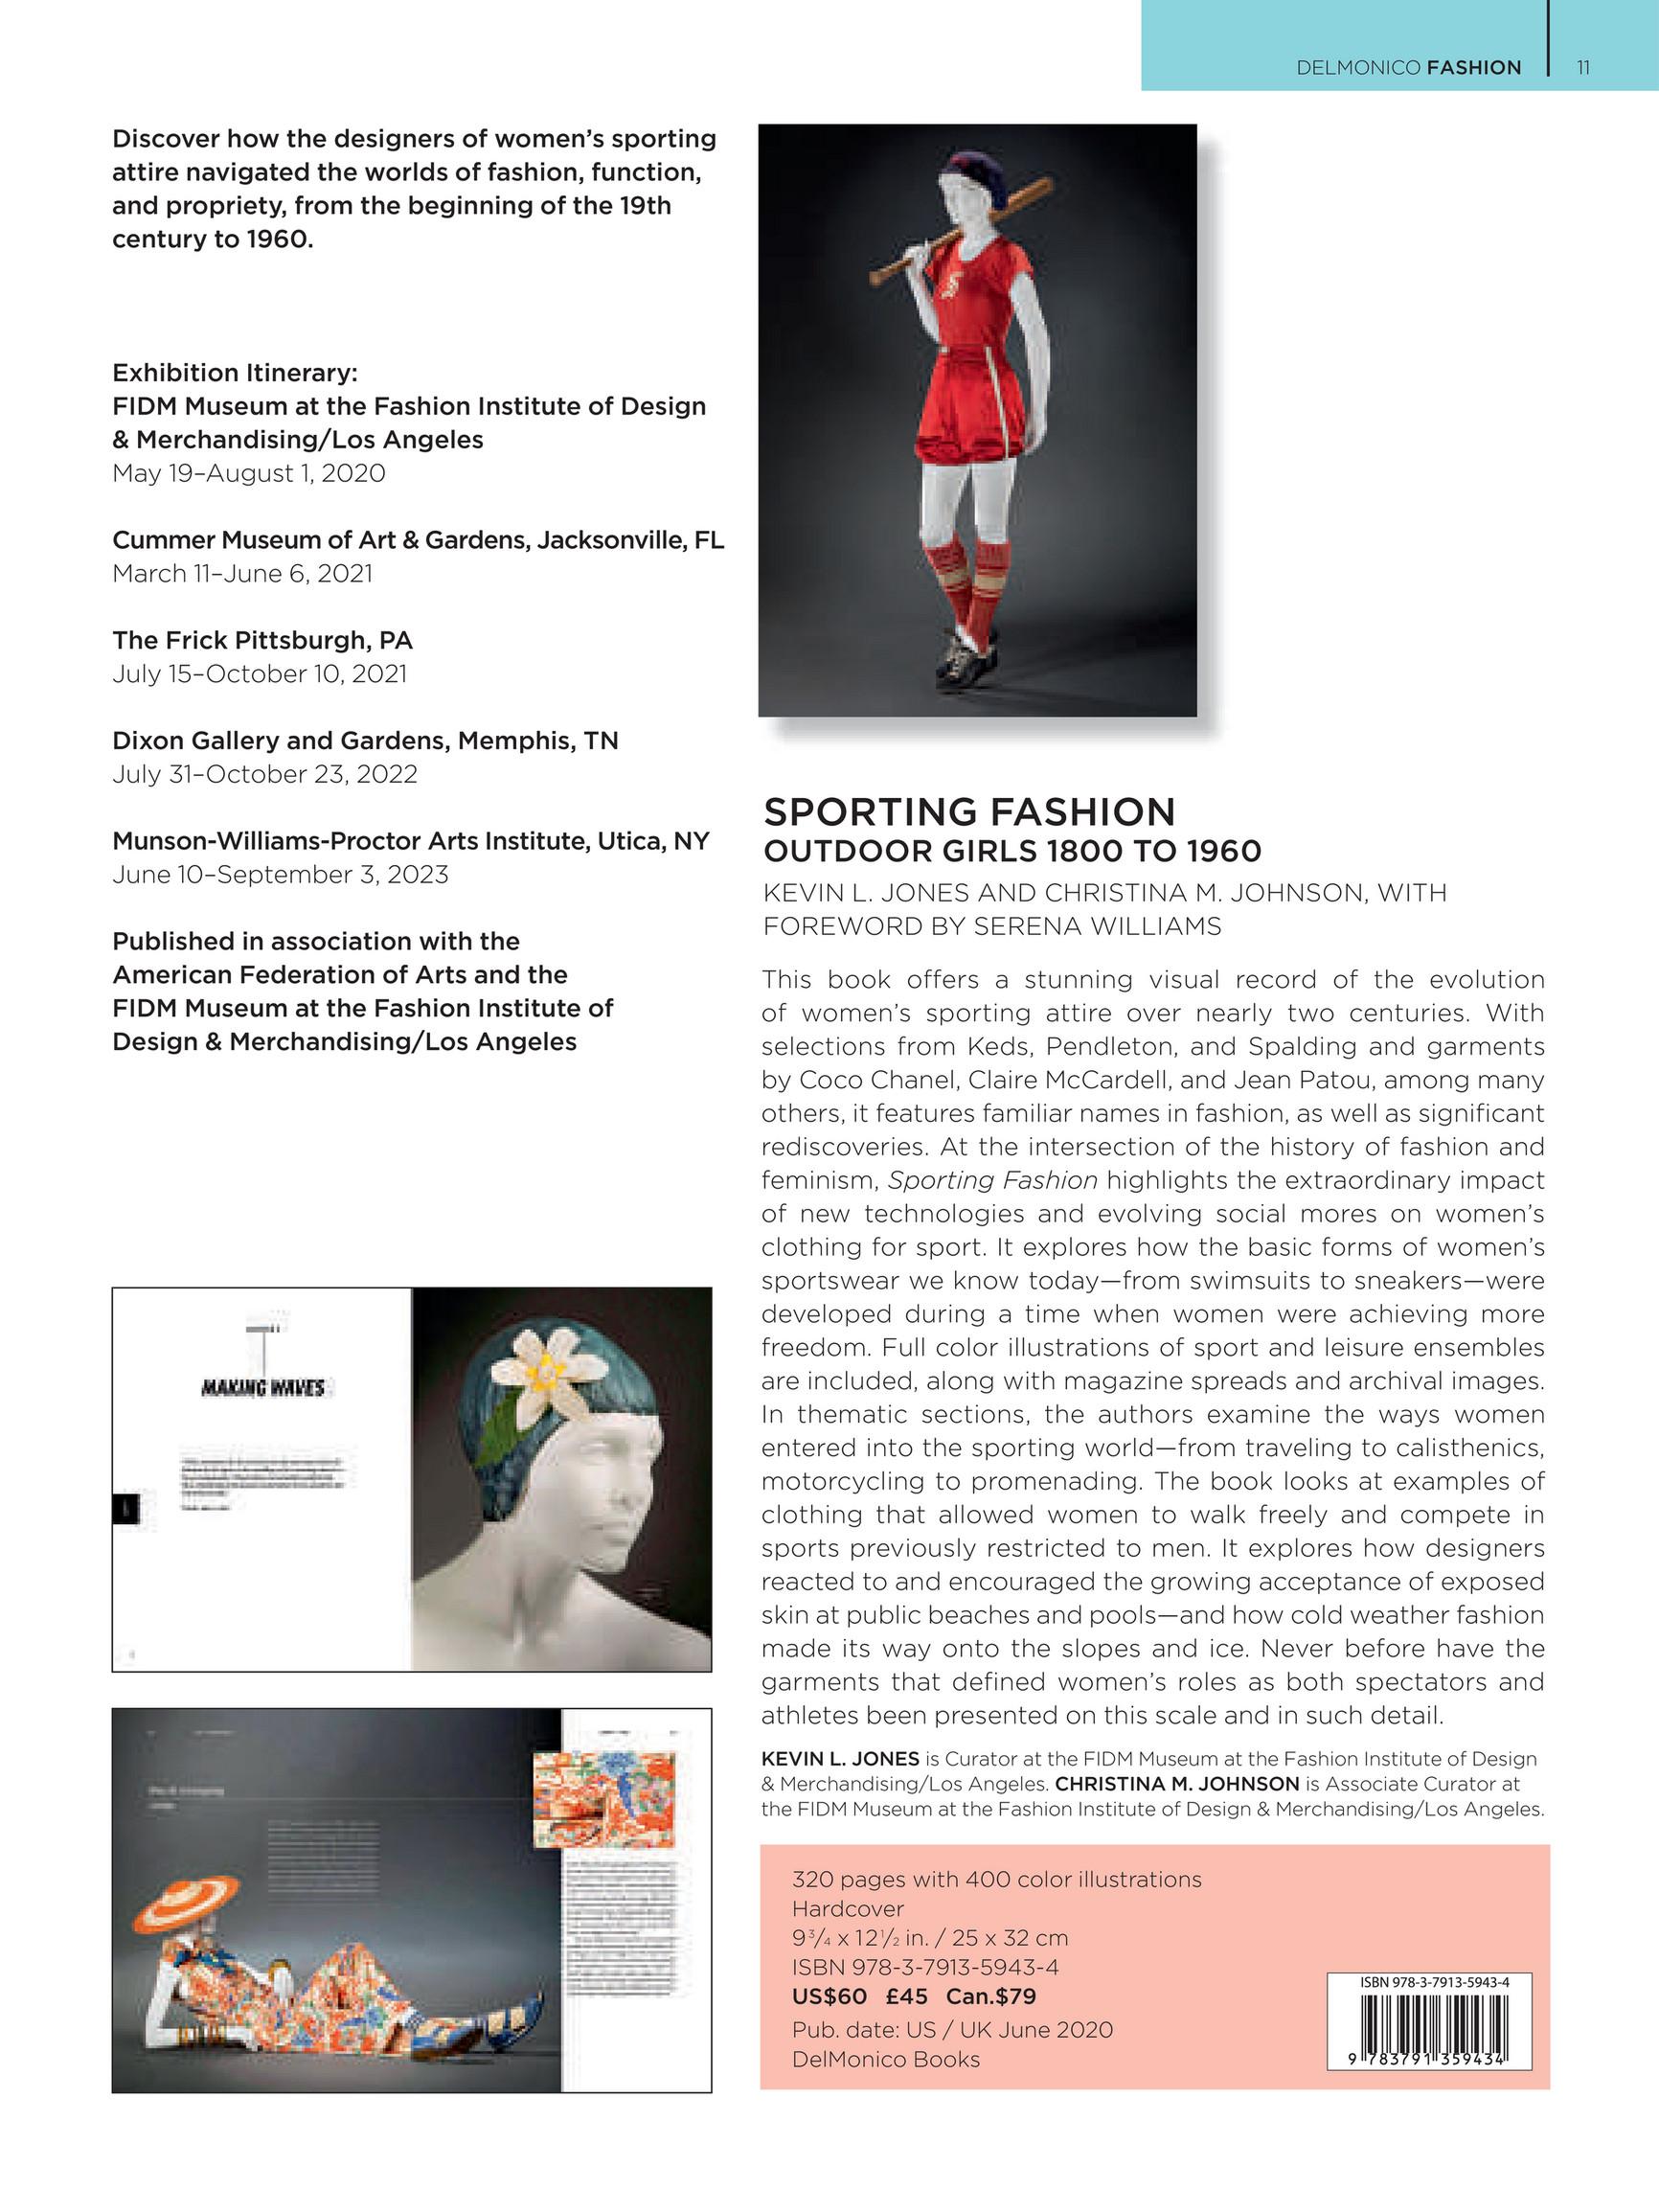 Harper Group Penguin Random House Prestel Spring 2020 Page 1